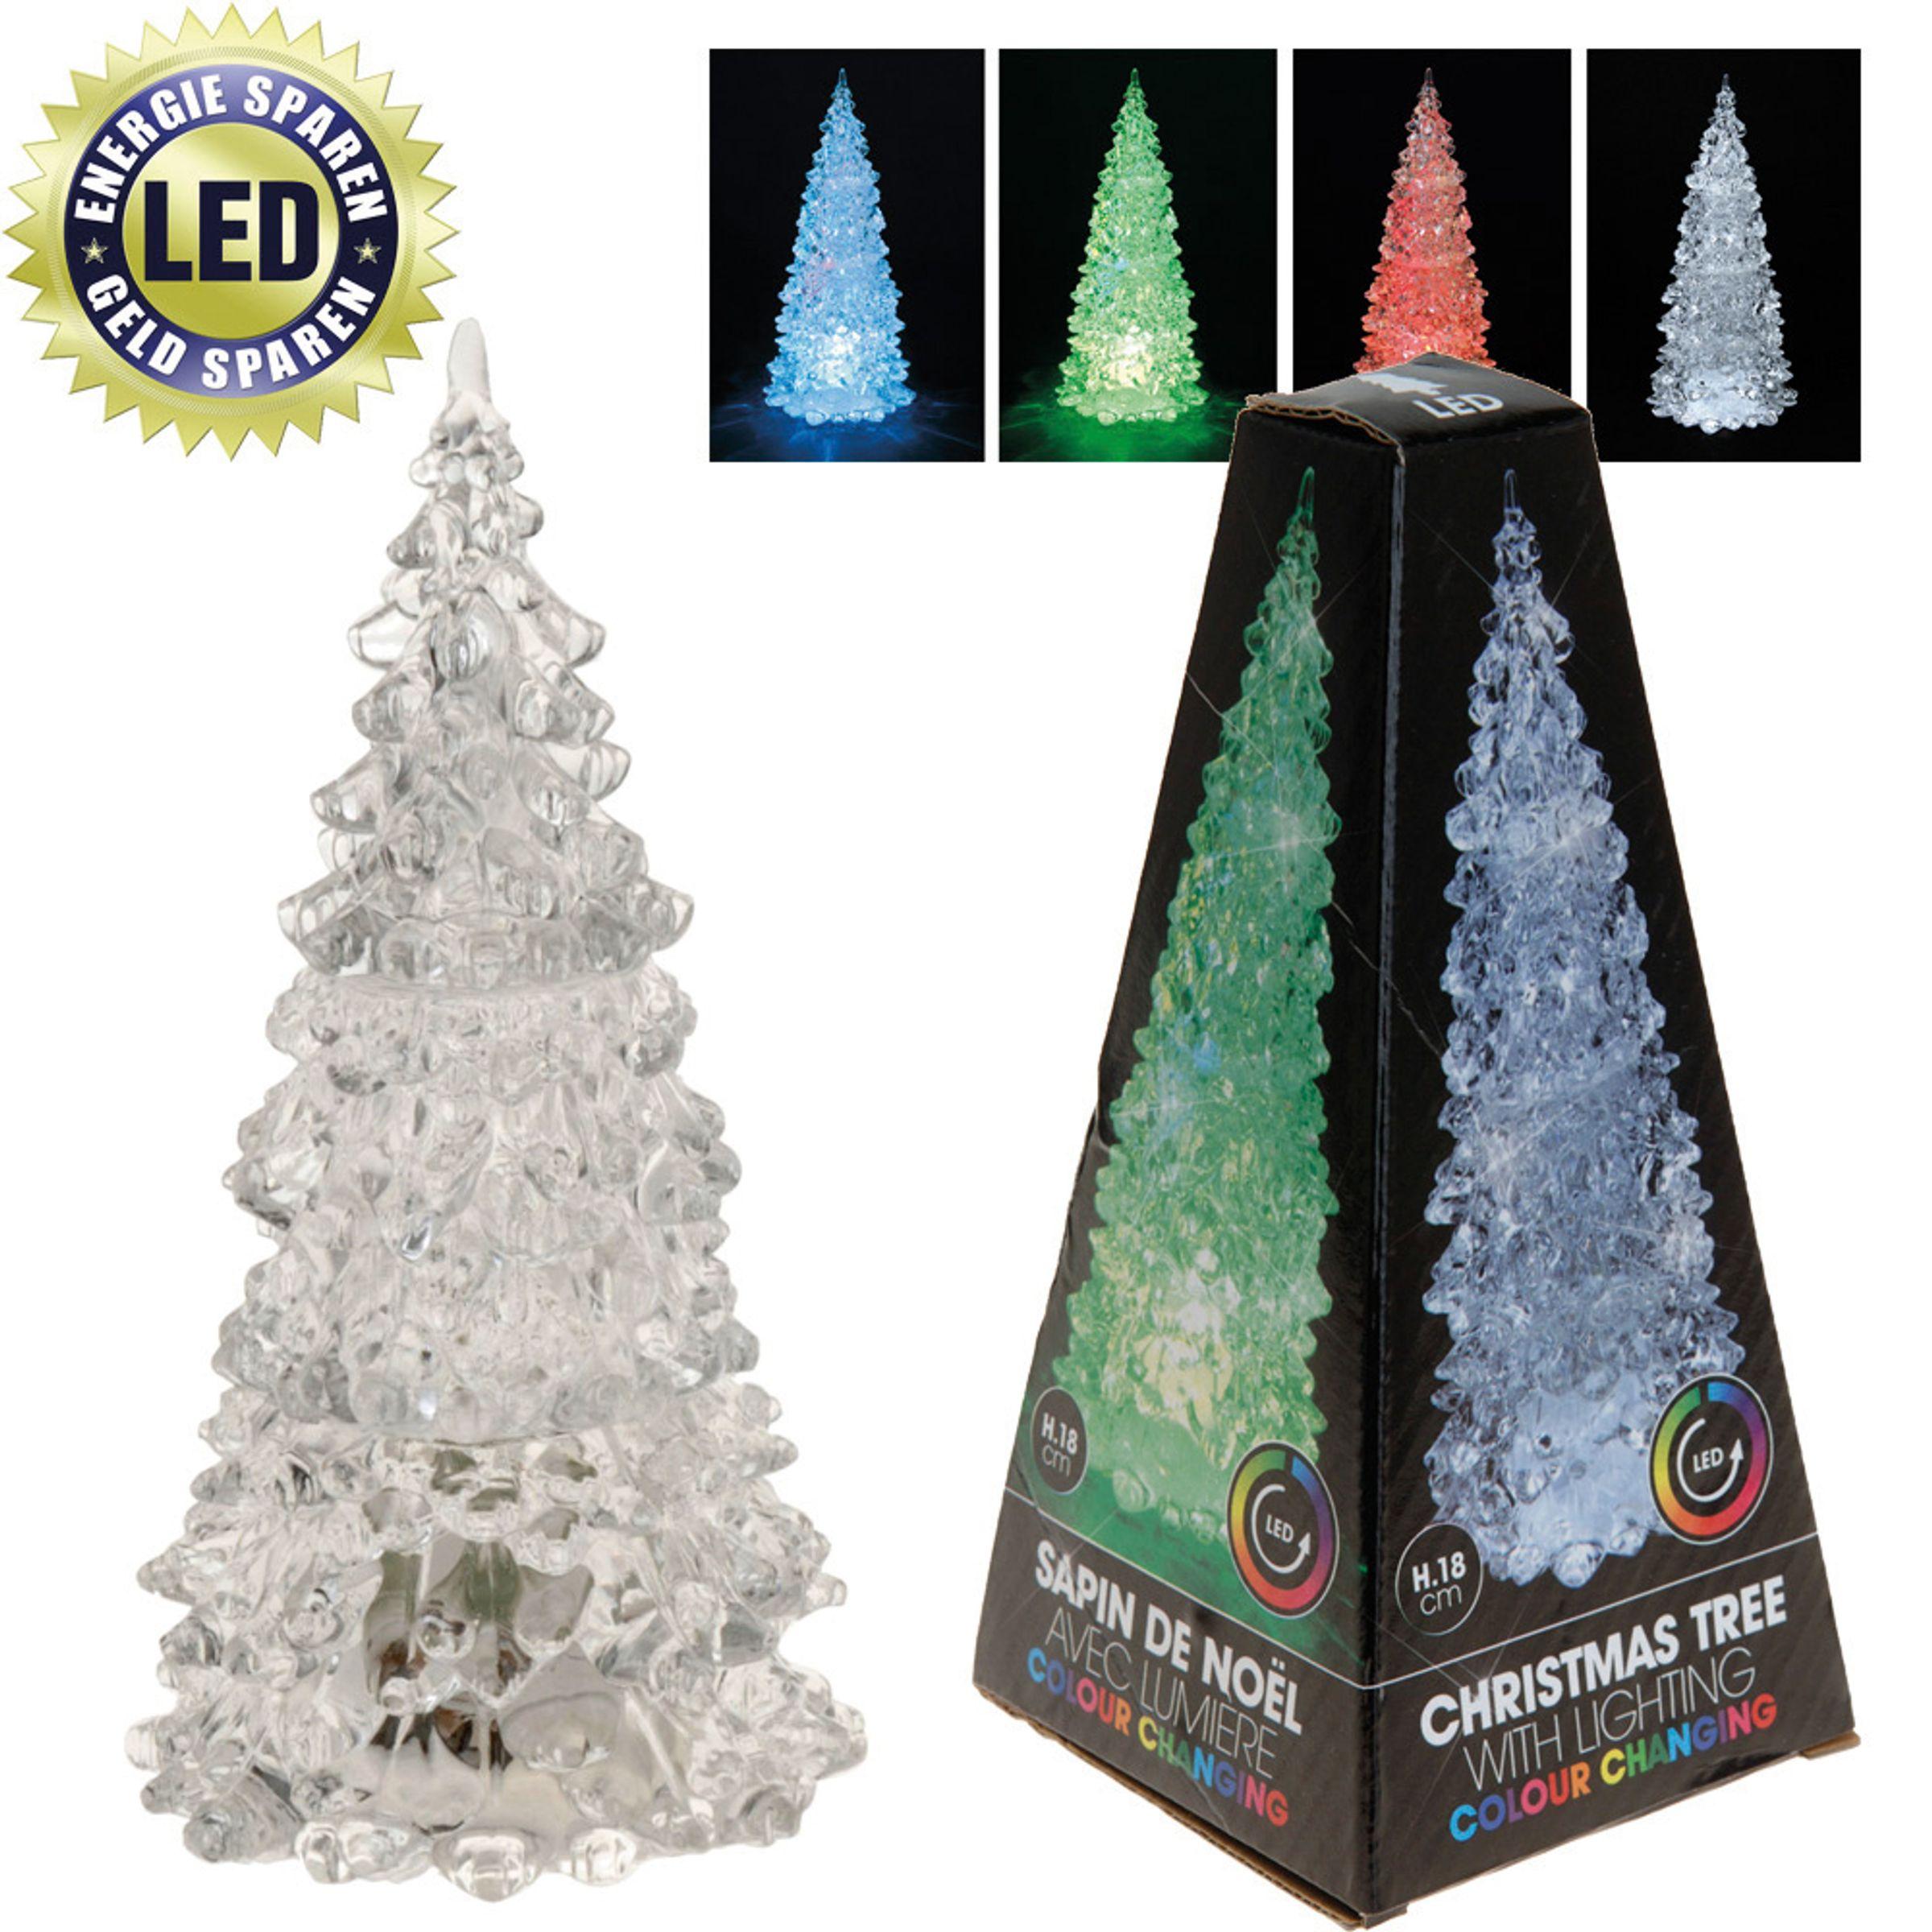 Wo Günstig Weihnachtsbaum Kaufen.Led Weihnachtsbaum Tannenbaum Christbaum Weihnachten Baum Beleuchtung